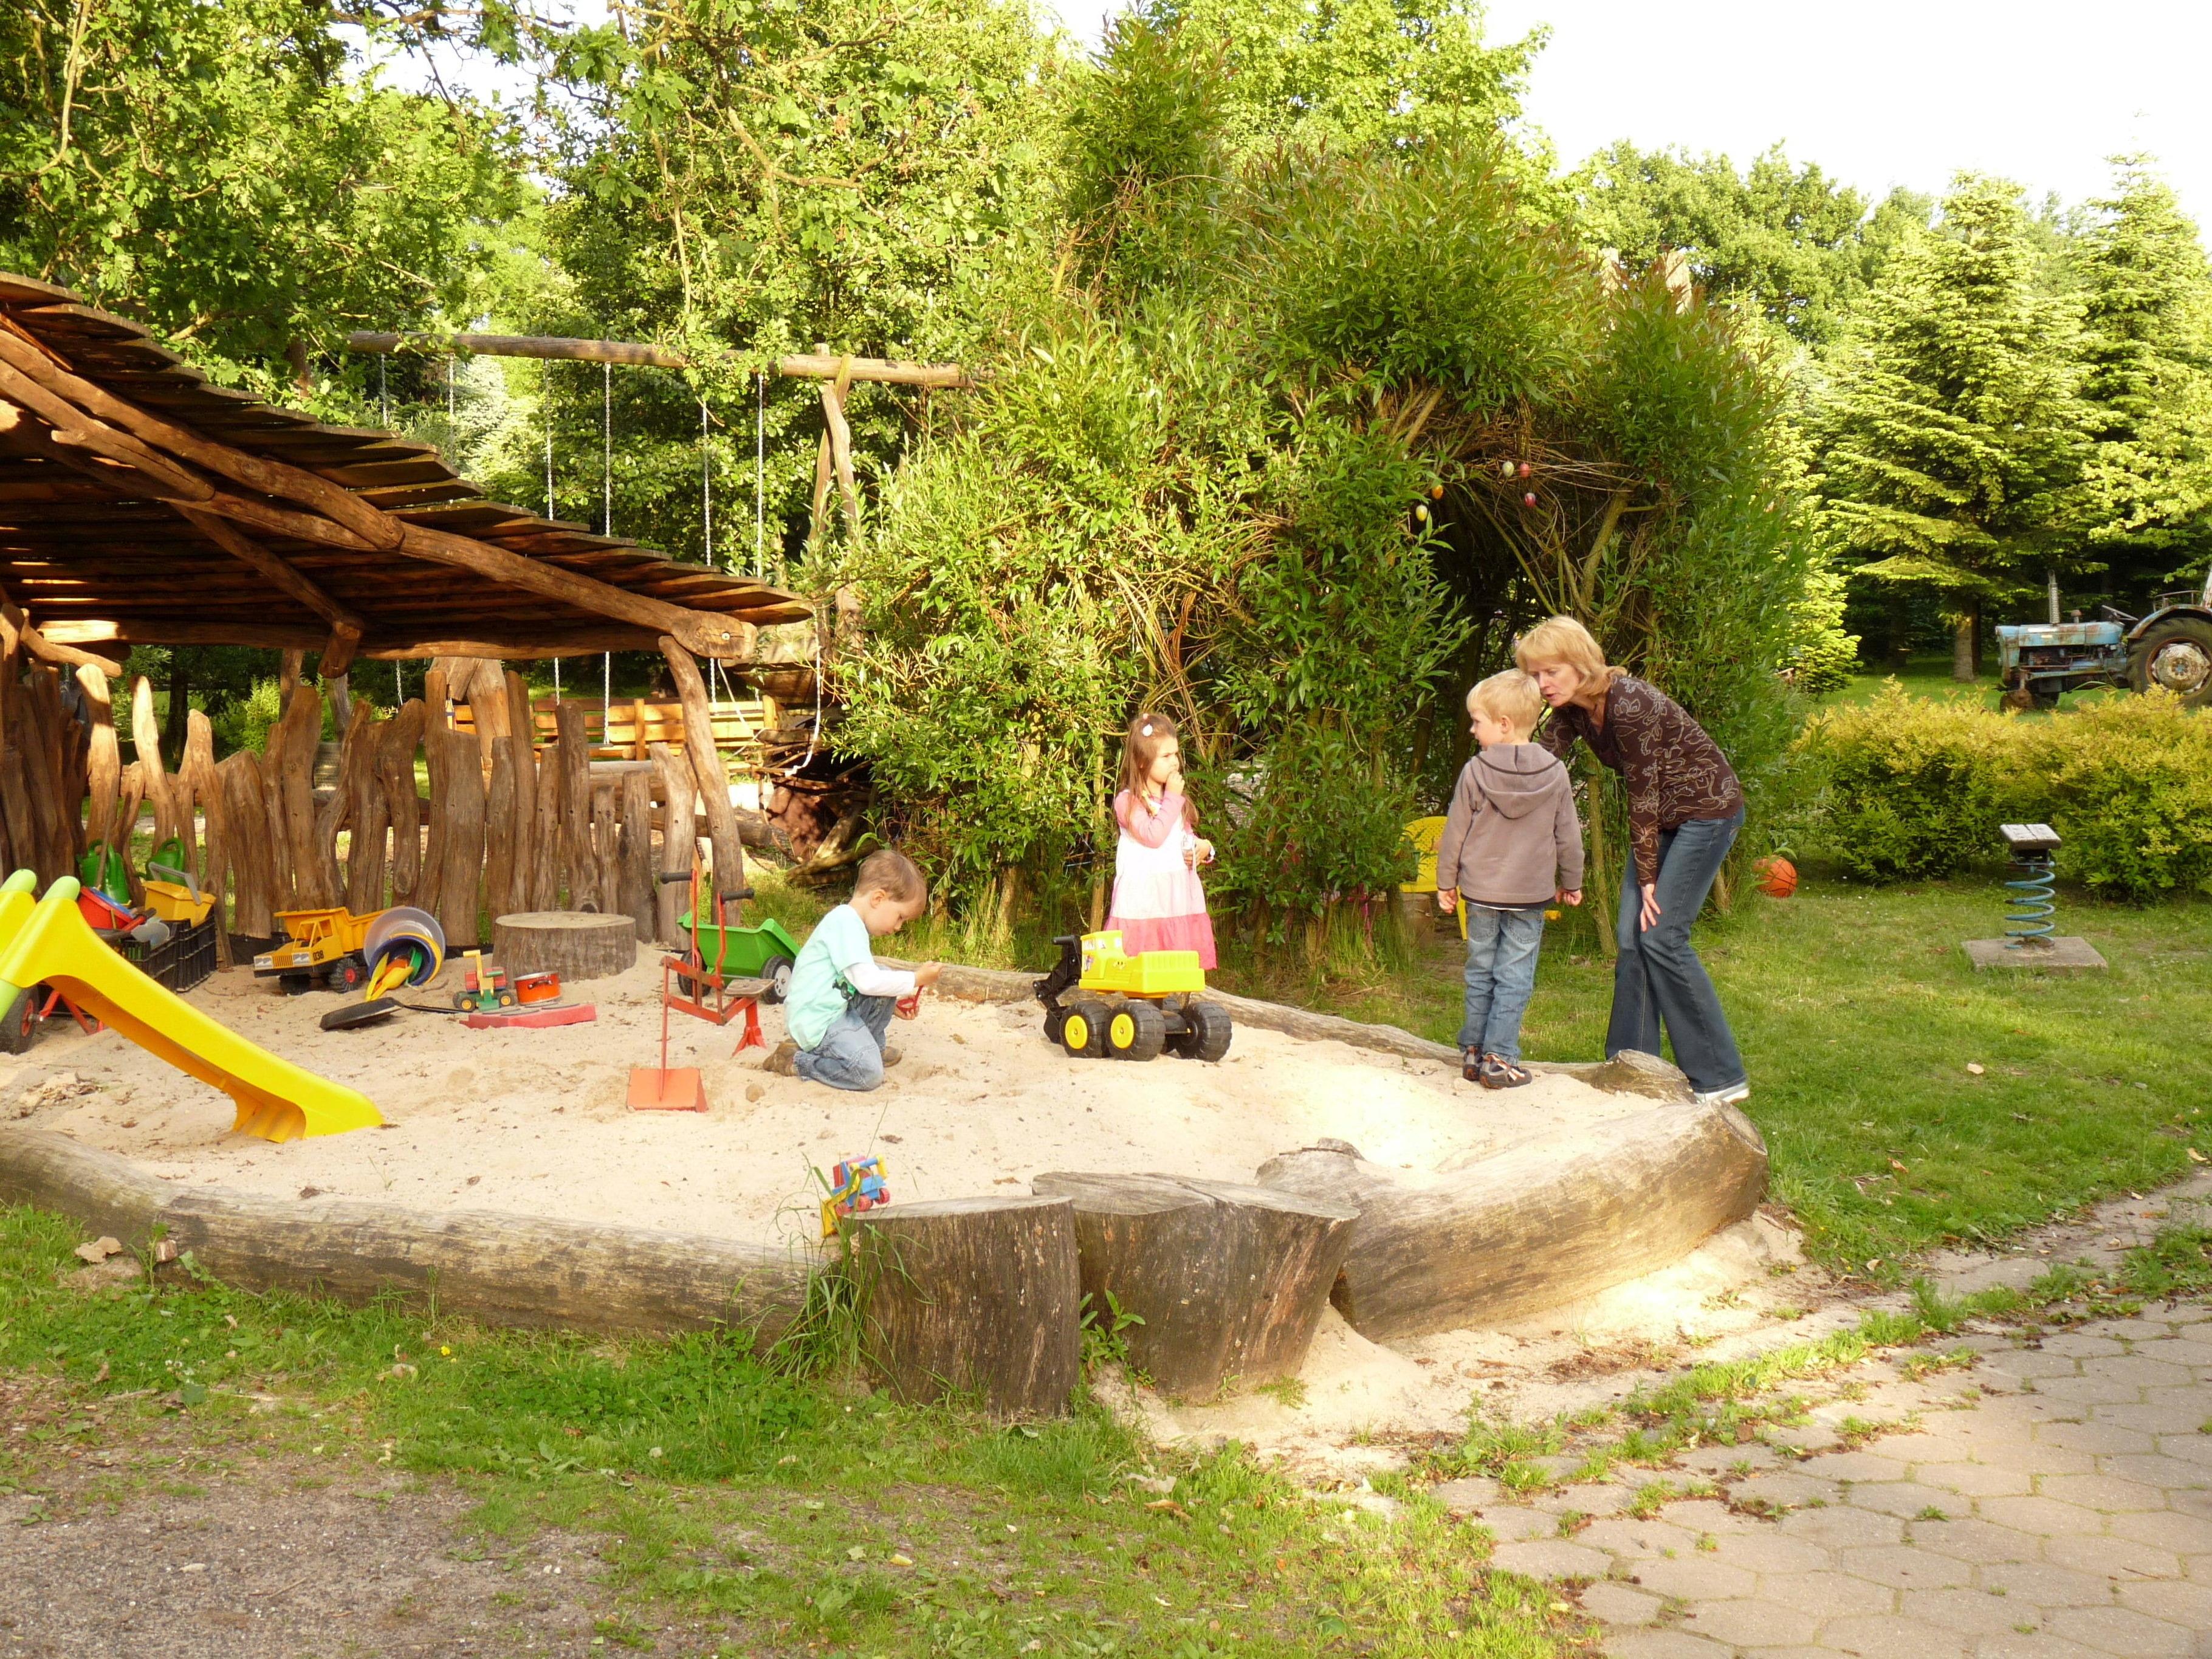 Ferienwohnung Nordmann, Haus am Wald (2655542), Lutzhorn, Schleswig-Holstein Binnenland, Schleswig-Holstein, Deutschland, Bild 16